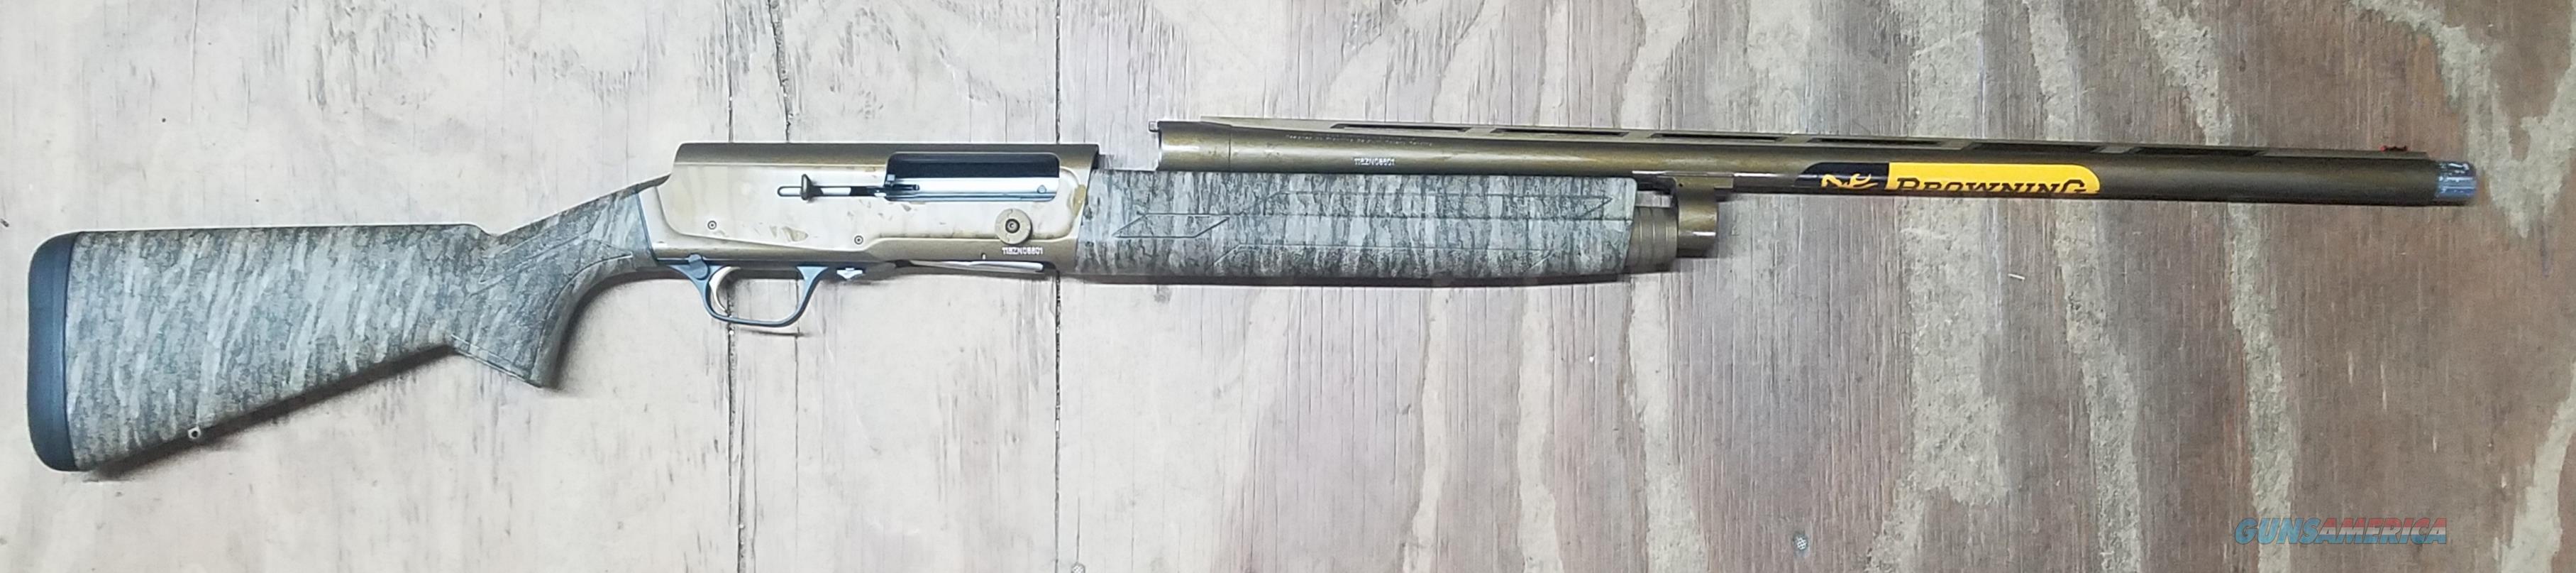 Browning A5 Wicked Wing Shotgun 12 Gauge 0118472005  Guns > Shotguns > Browning Shotguns > Autoloaders > Hunting